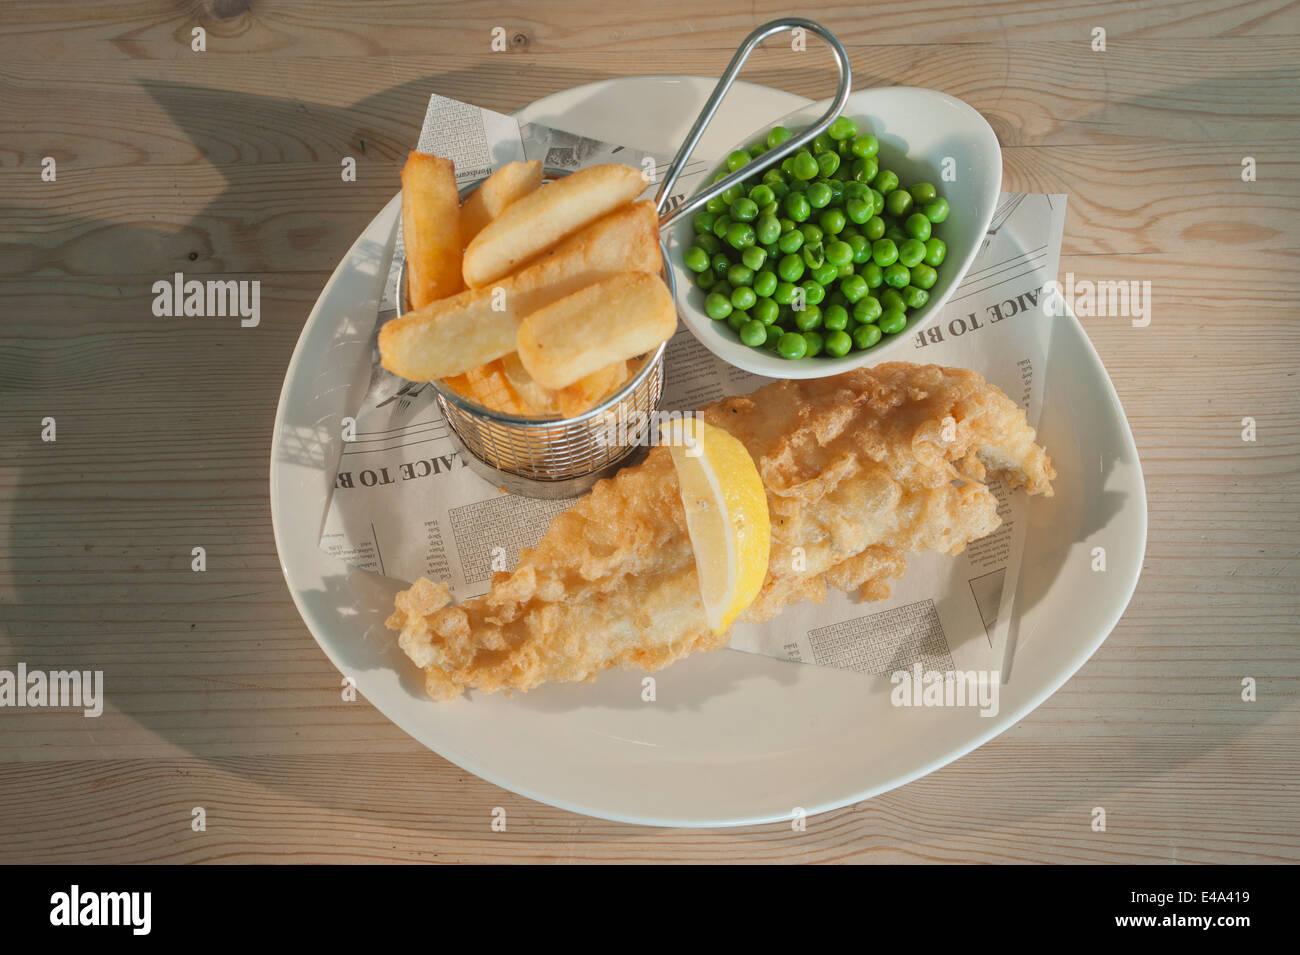 Fish and chips (l'aiglefin en pâte) avec des petits pois et un segment de citron sur une plaque blanche Photo Stock